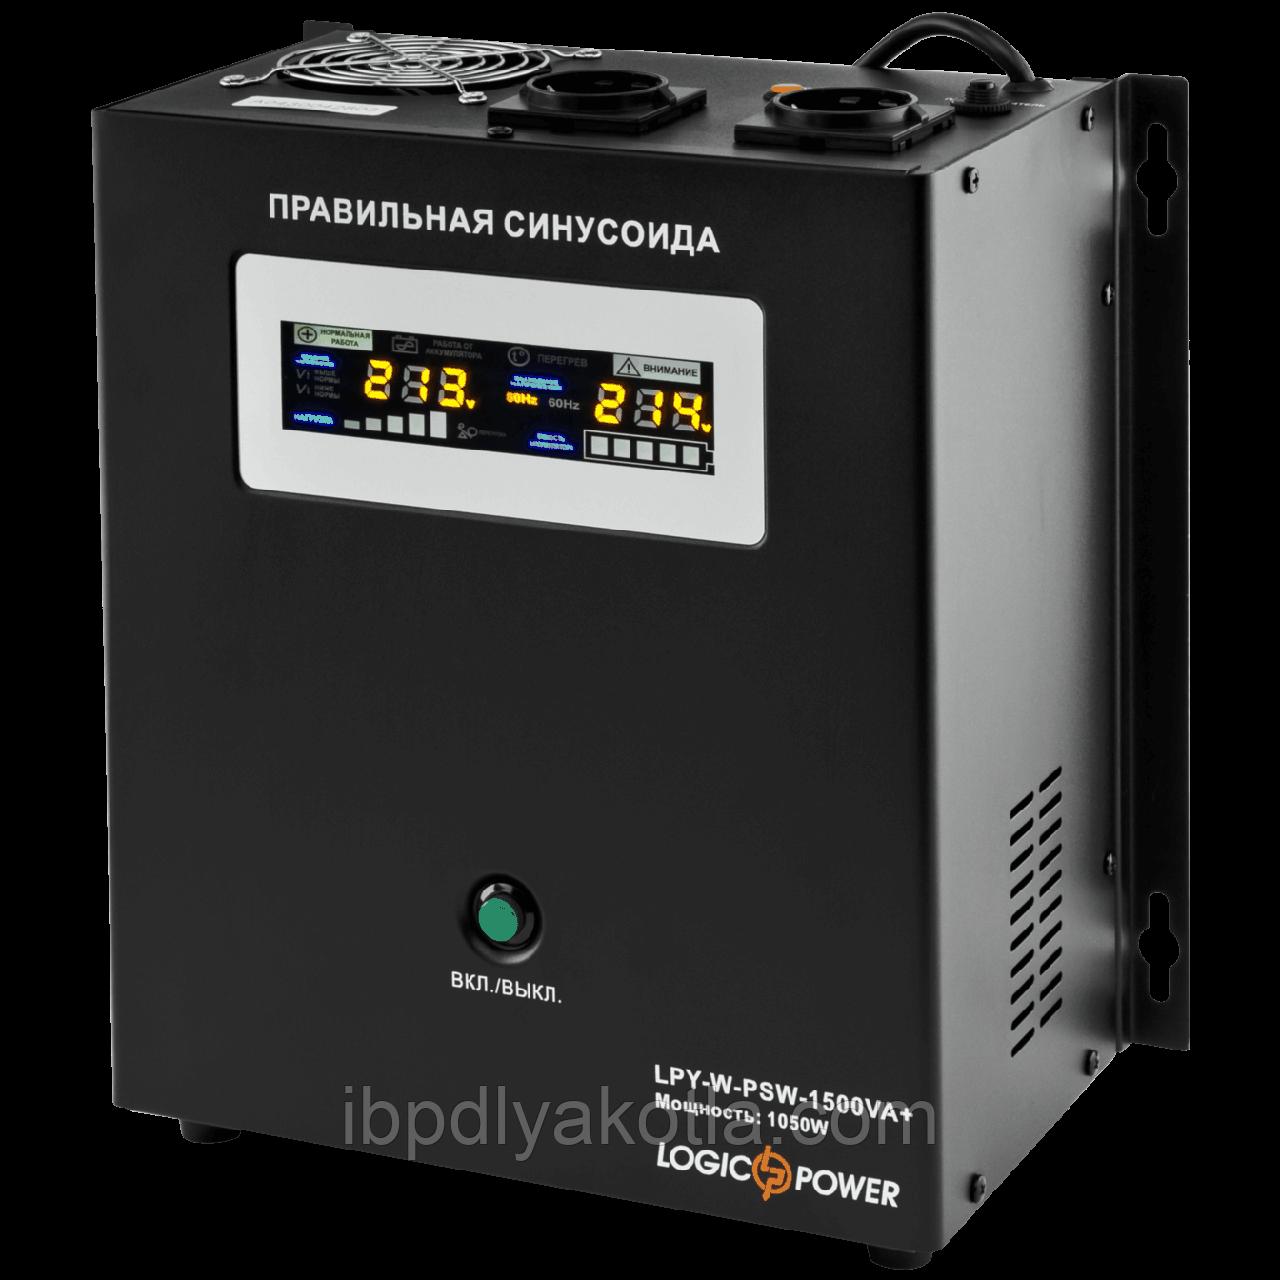 Logicpower LPY-W-PSW-1500+